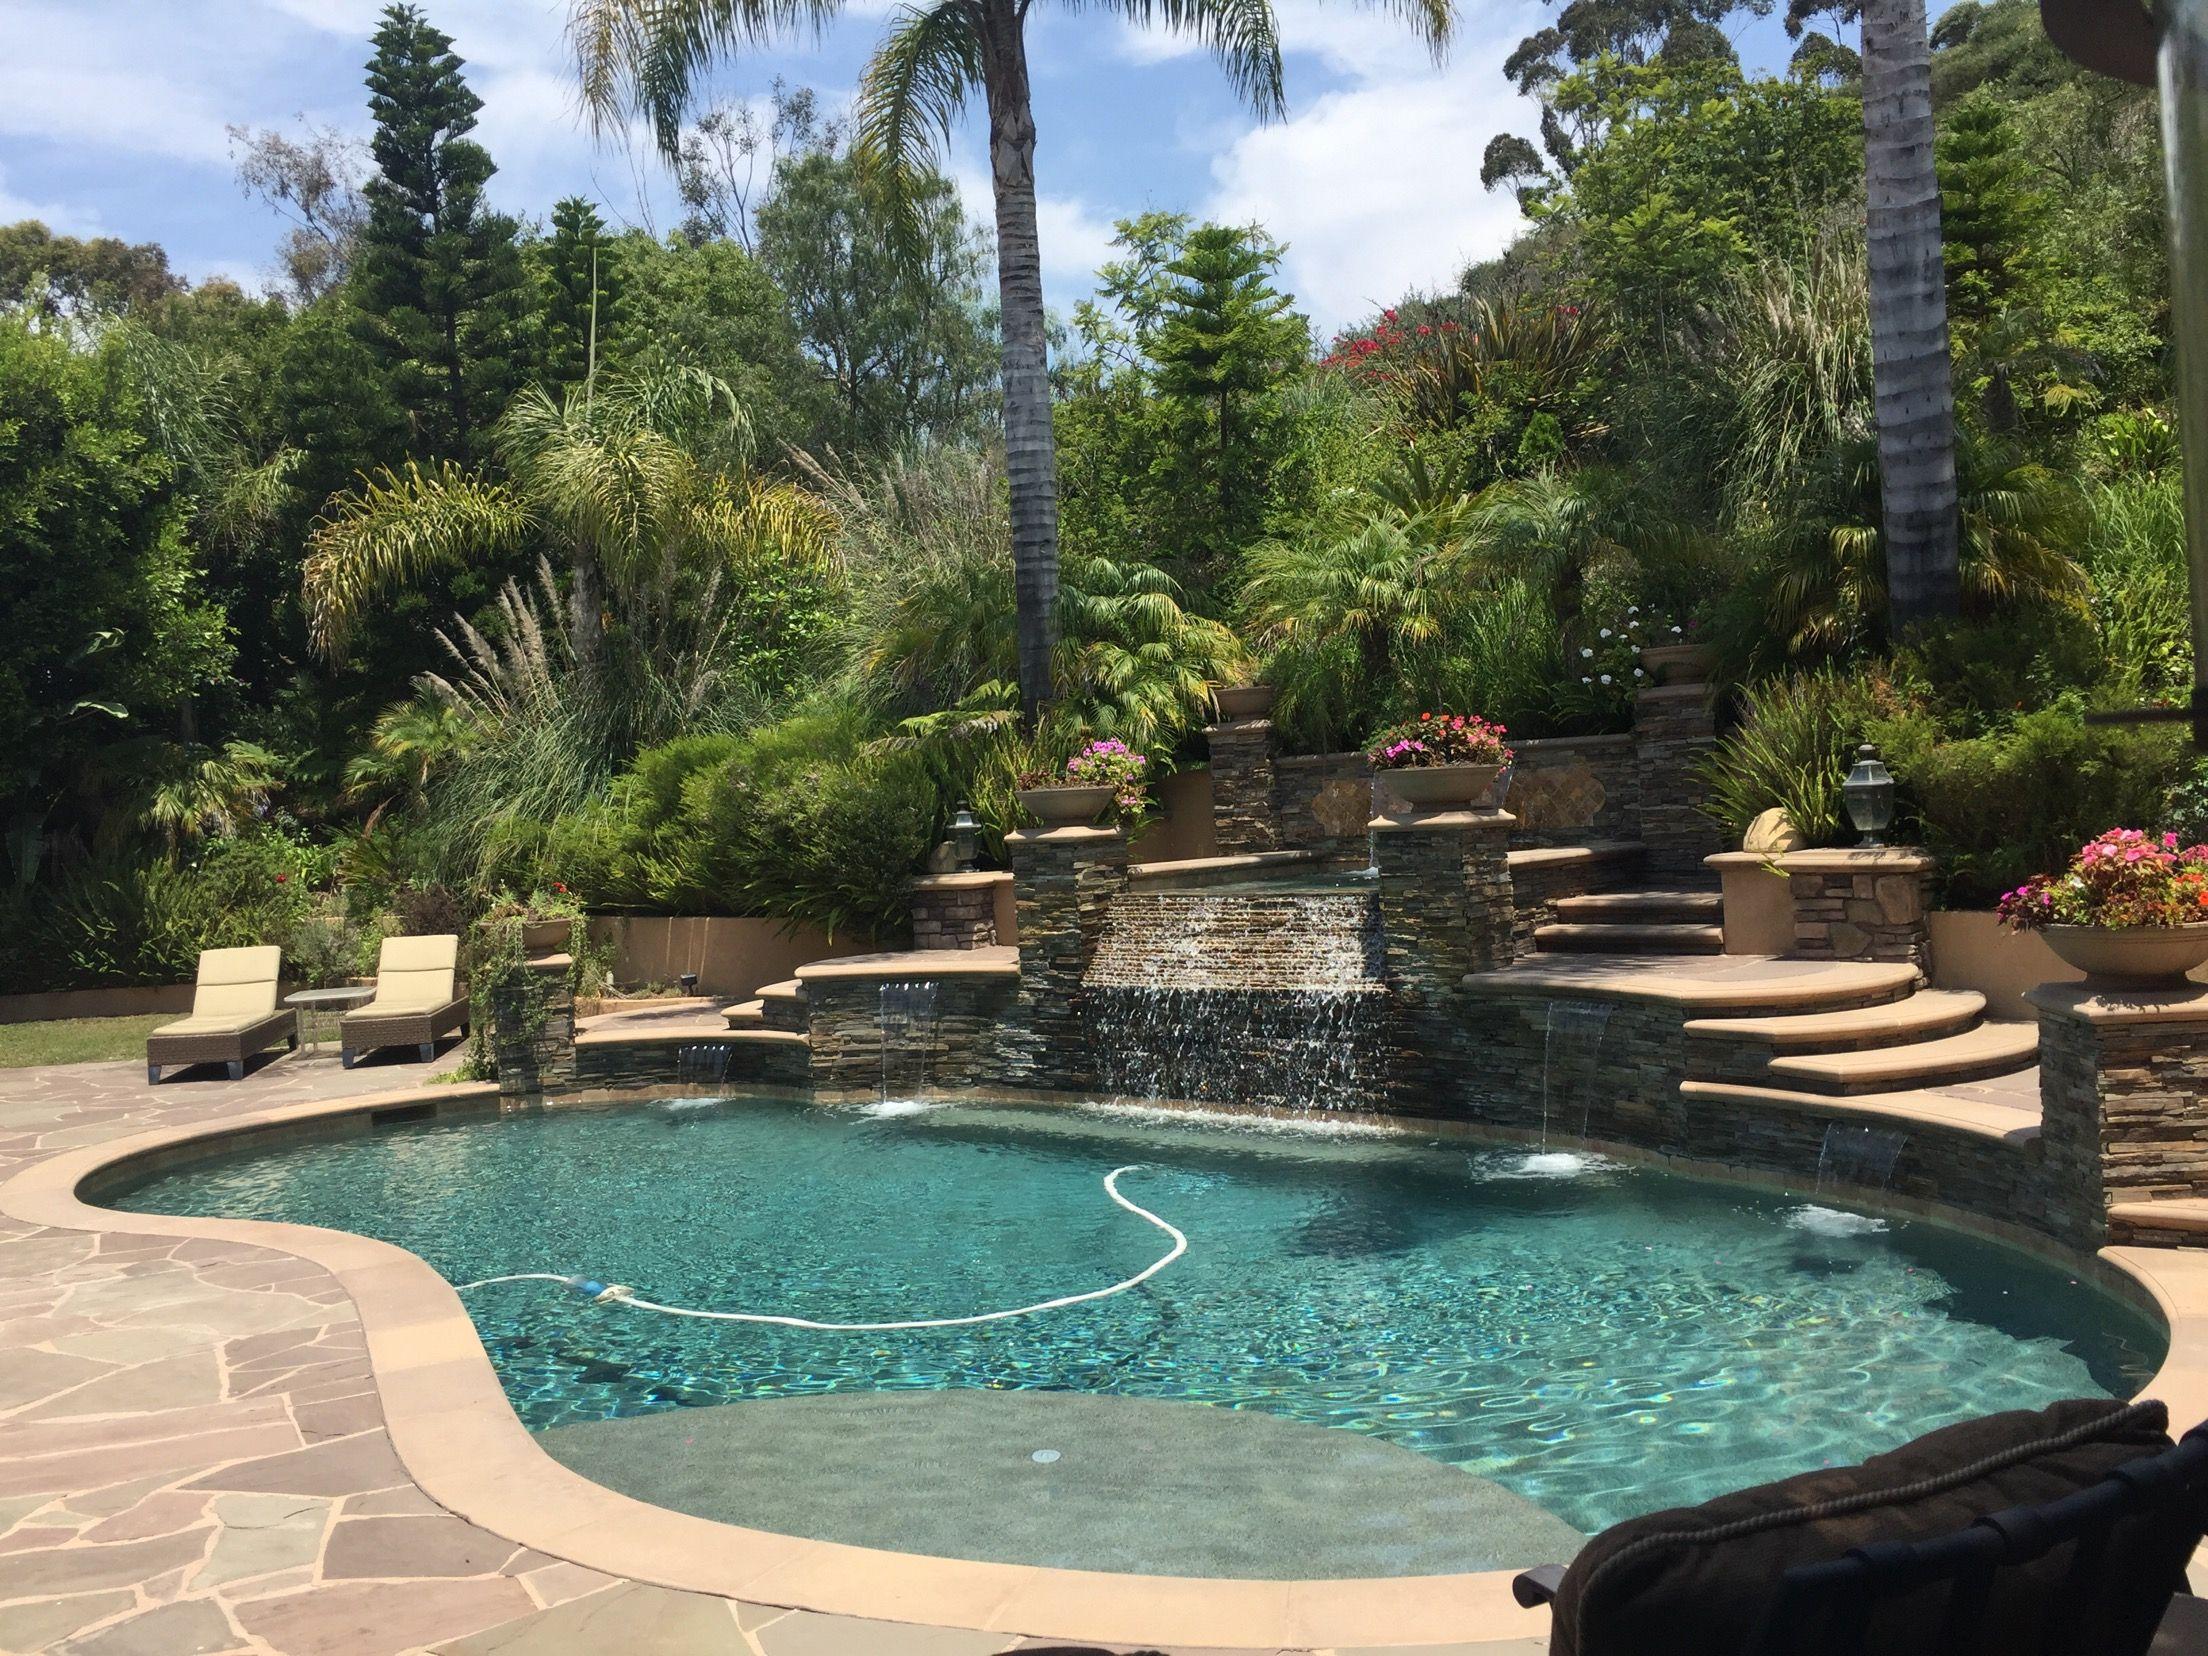 Schwimmbäder Hinterhof, Pool Gartenbau, Traum Pools, Terassenideen,  Hinterhofideen, Gartenideen, Pool Haus